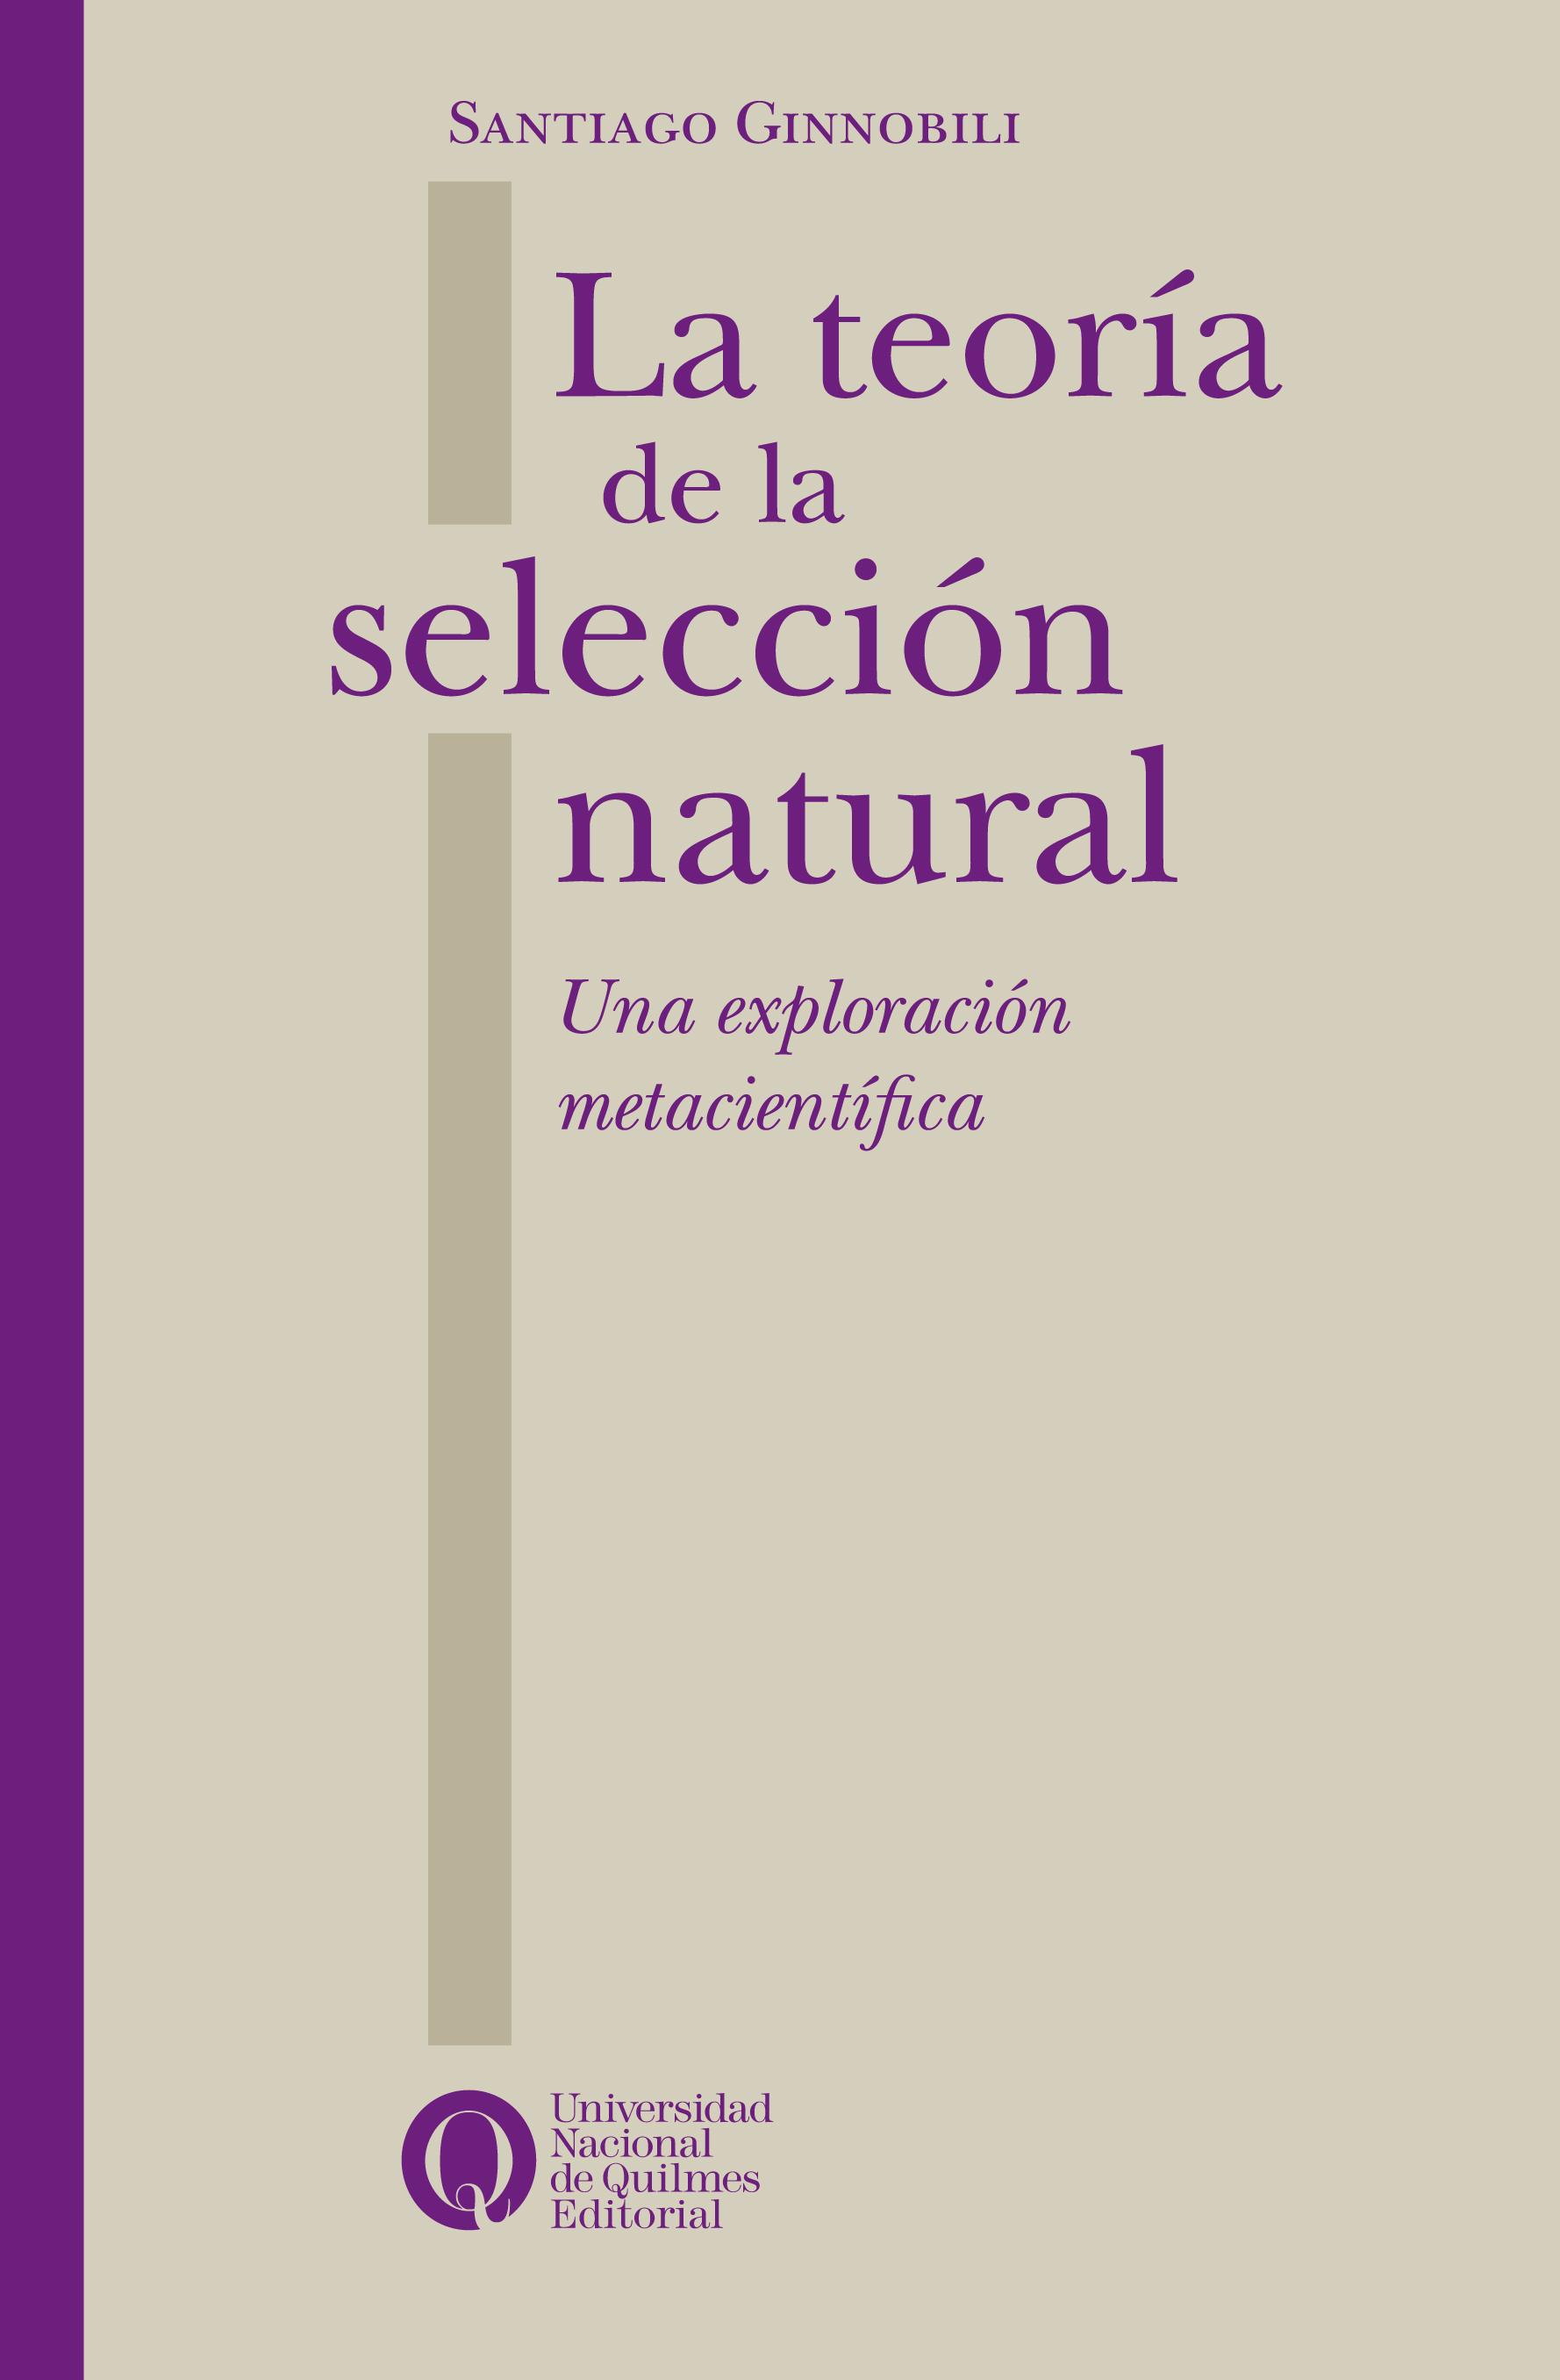 La teoría de la selección natural. Una exploración metacientífica, deSantiago Ginnobili